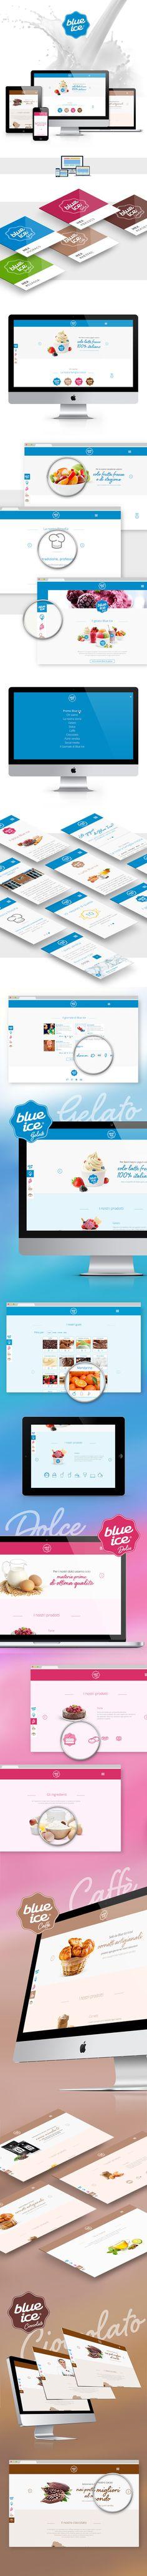 Bluice Website